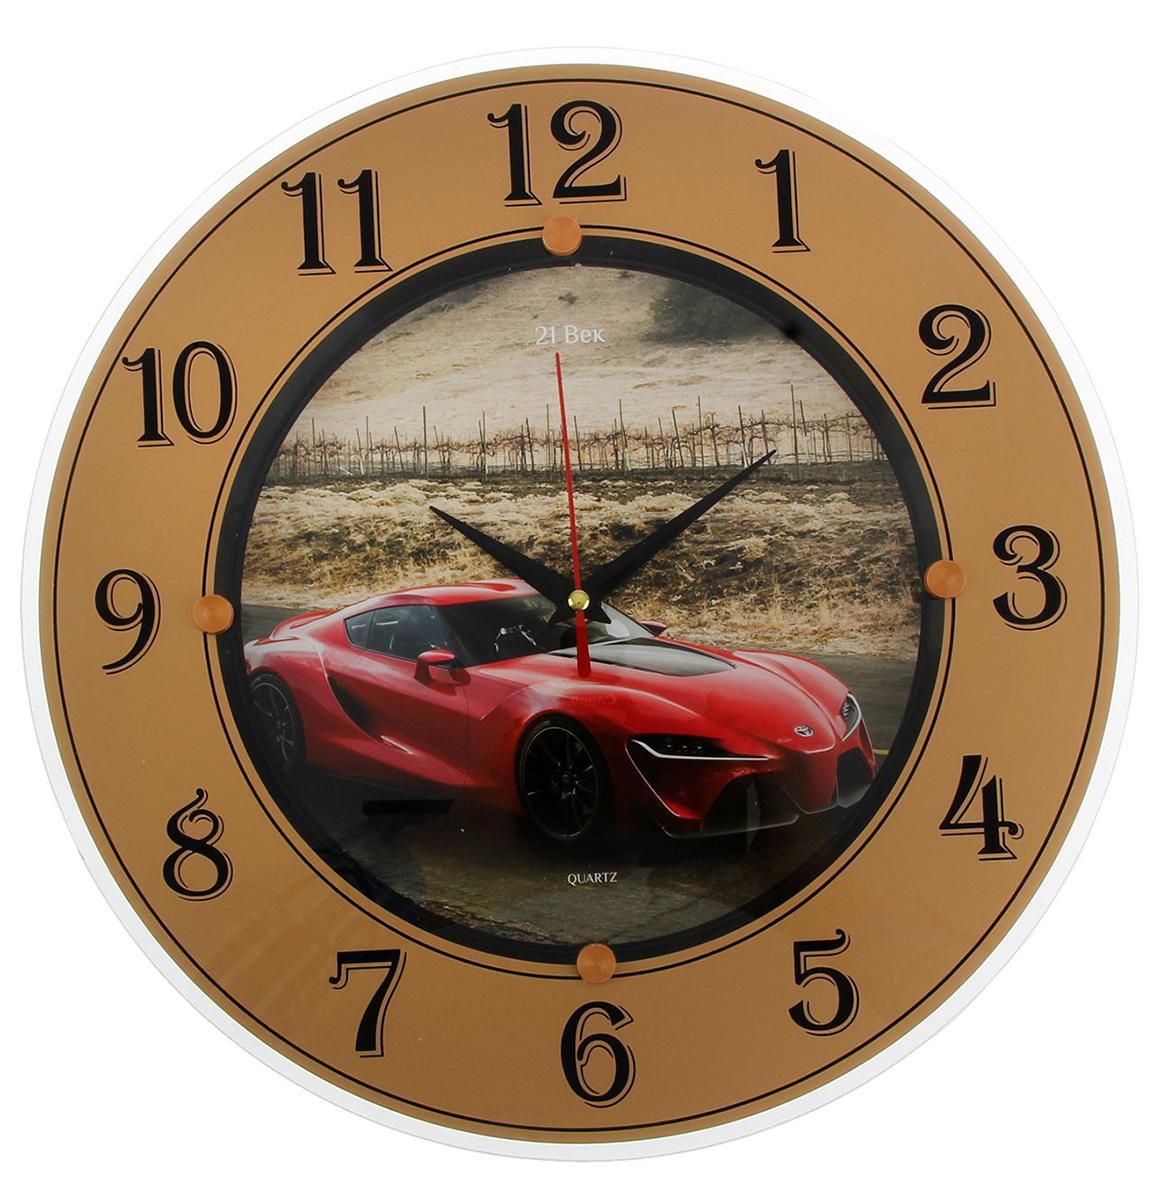 Часы настенные 21 Век Красный спорткар, диаметр 32 см1294753— сувенир в полном смысле этого слова. И главная его задача — хранить воспоминание о месте, где вы побывали, или о том человеке, который подарил данный предмет. Преподнесите эту вещь своему другу, и она станет достойным украшением его дома. Каждому хозяину периодически приходит мысль обновить свою квартиру, сделать ремонт, перестановку или кардинально поменять внешний вид каждой комнаты. — привлекательная деталь, которая поможет воплотить вашу интерьерную идею, создать неповторимую атмосферу в вашем доме. Окружите себя приятными мелочами, пусть они радуют глаз и дарят гармонию.Часы стеклянные круглые Красный спорткар, цифры на кольце, 32х32 см 1294753